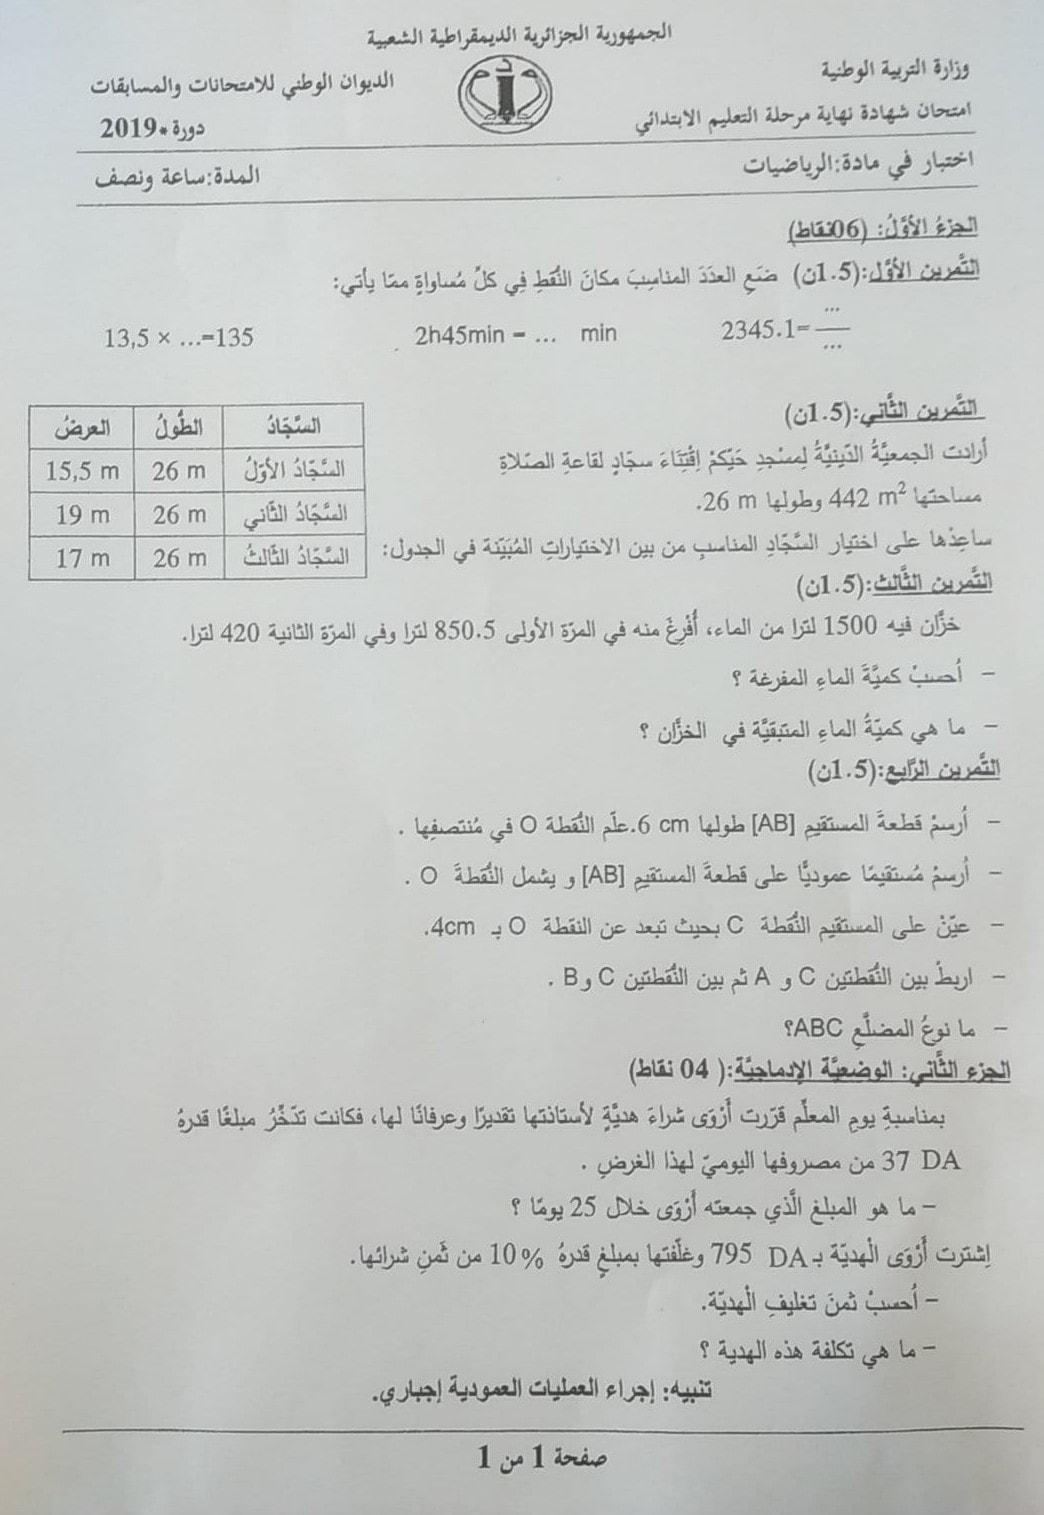 موضوع مادة الرياضيات شهادة التعليم الابتدائي 2019 الذي تم اجتيازه قبل قليل 5ap-math2019_orig